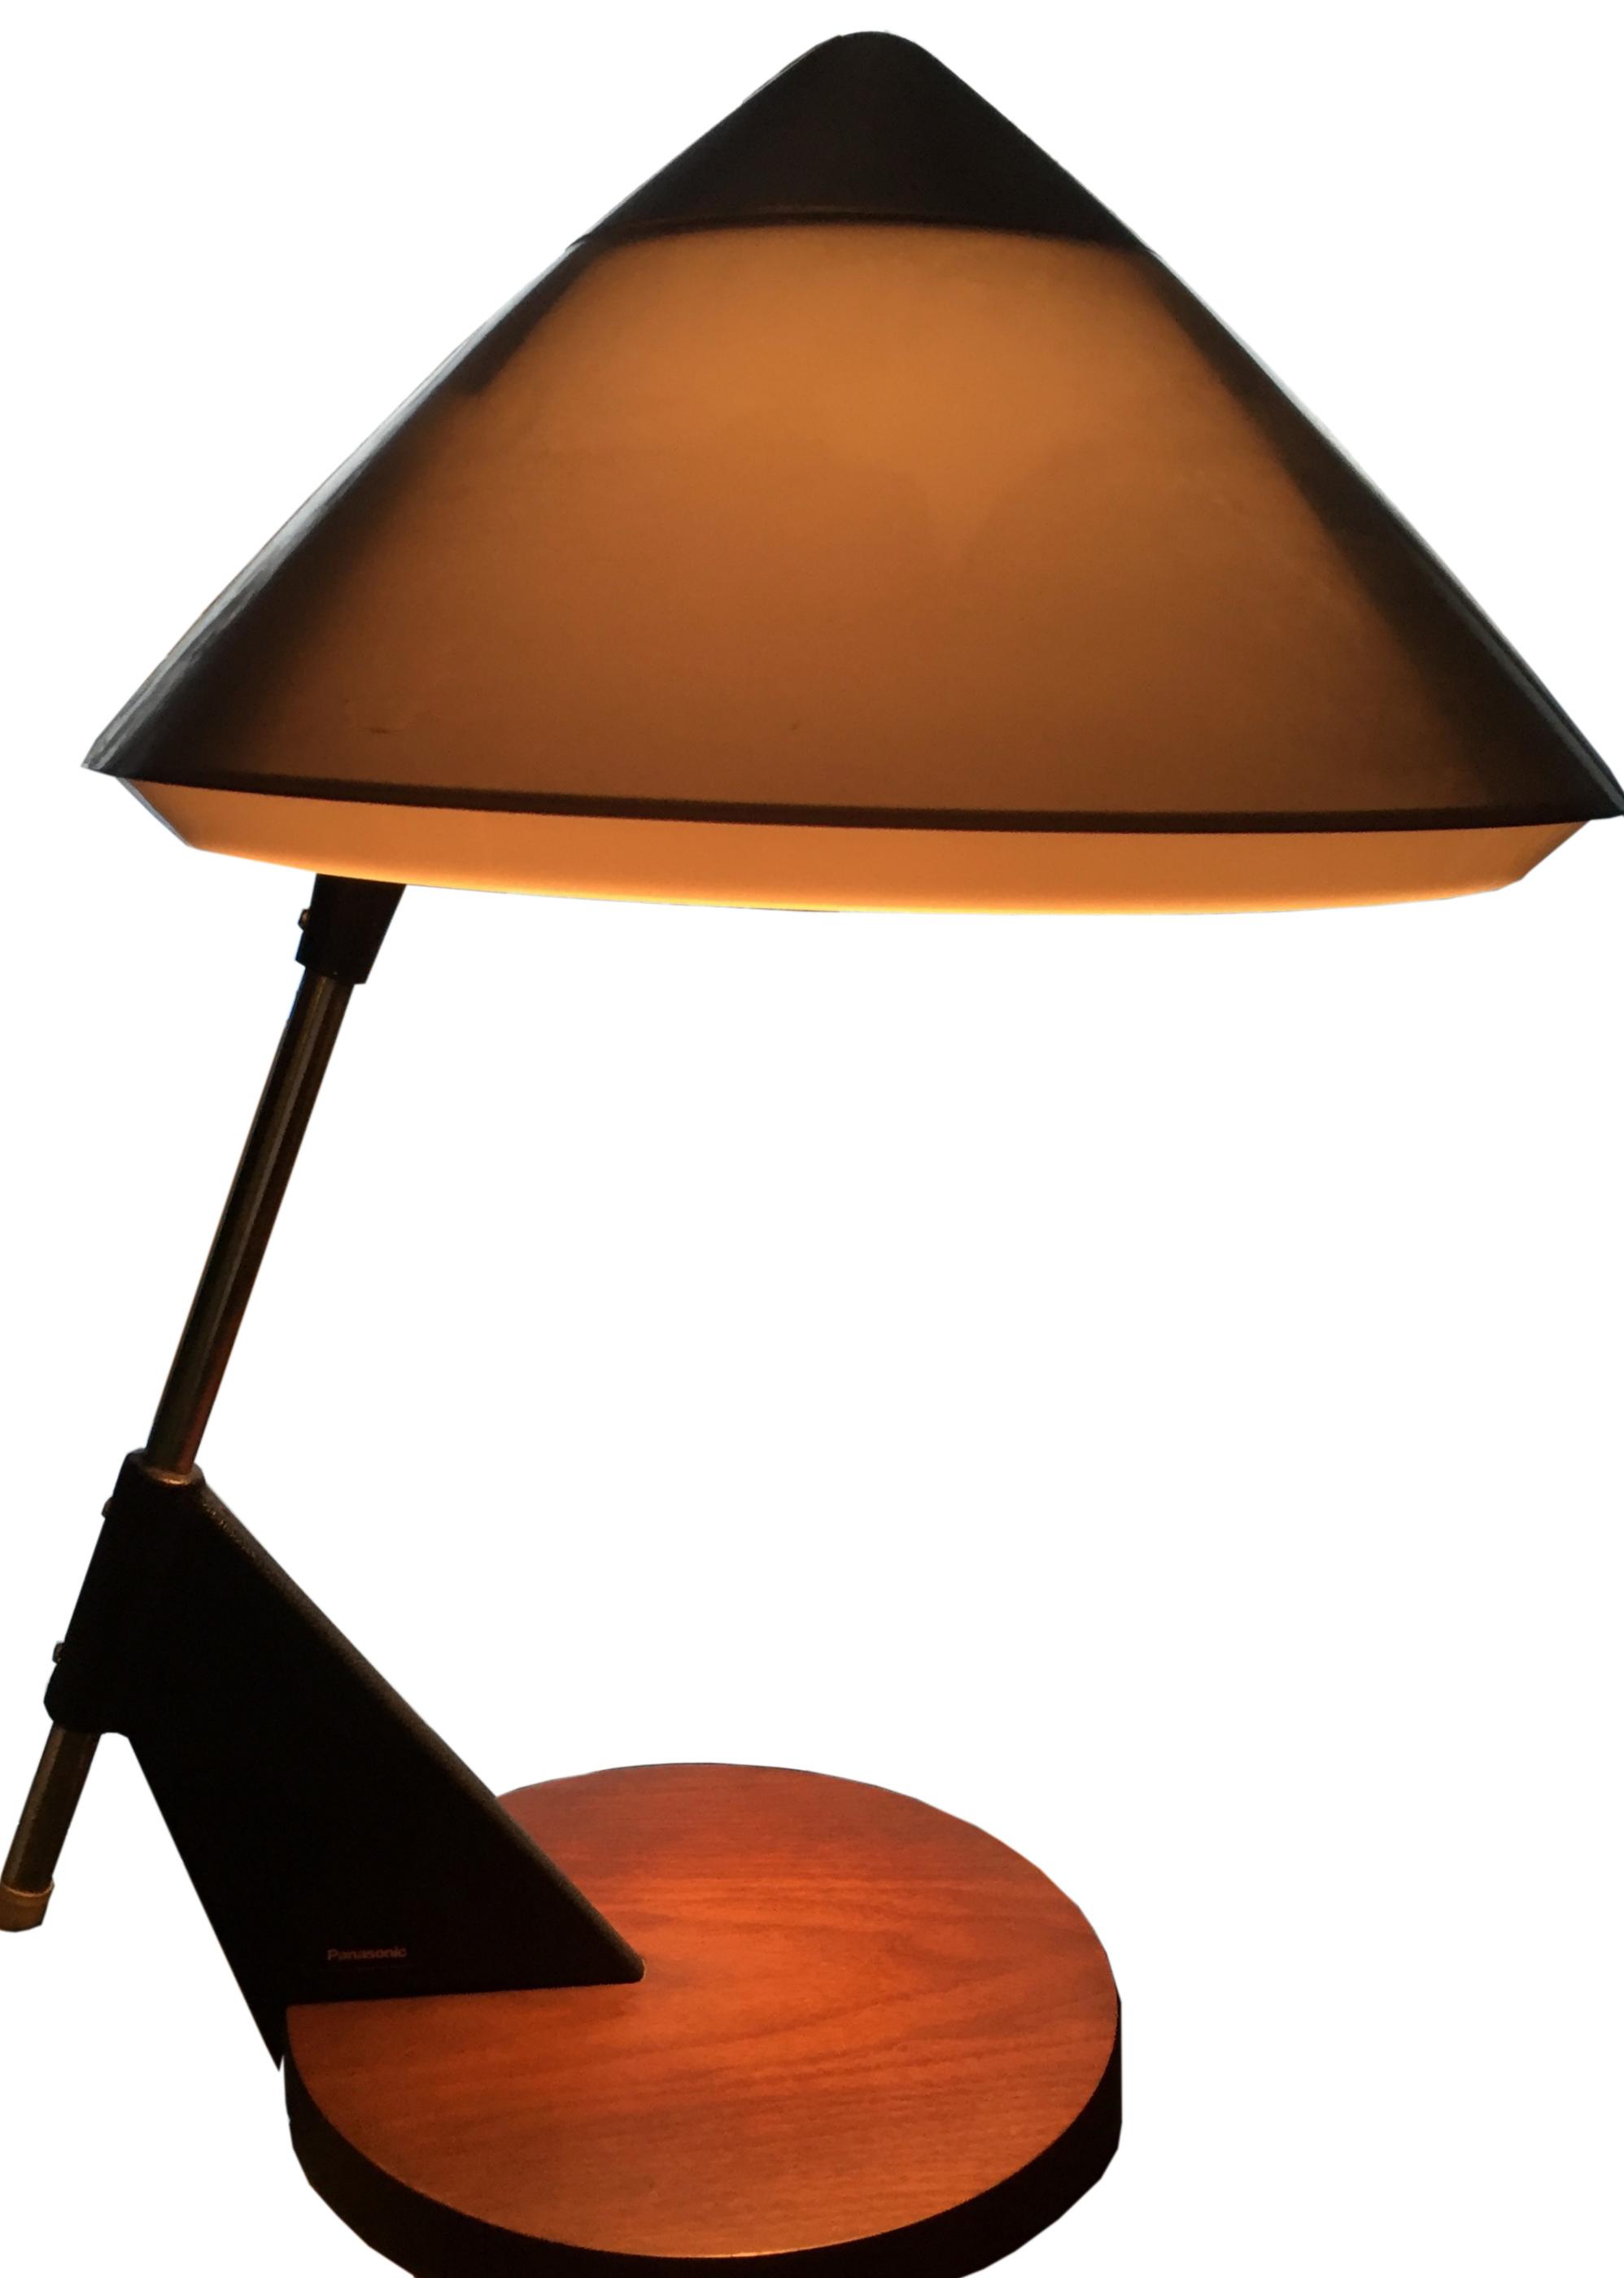 Rare Circa 1969 Panasonic Incandescent Table Desk Lamp